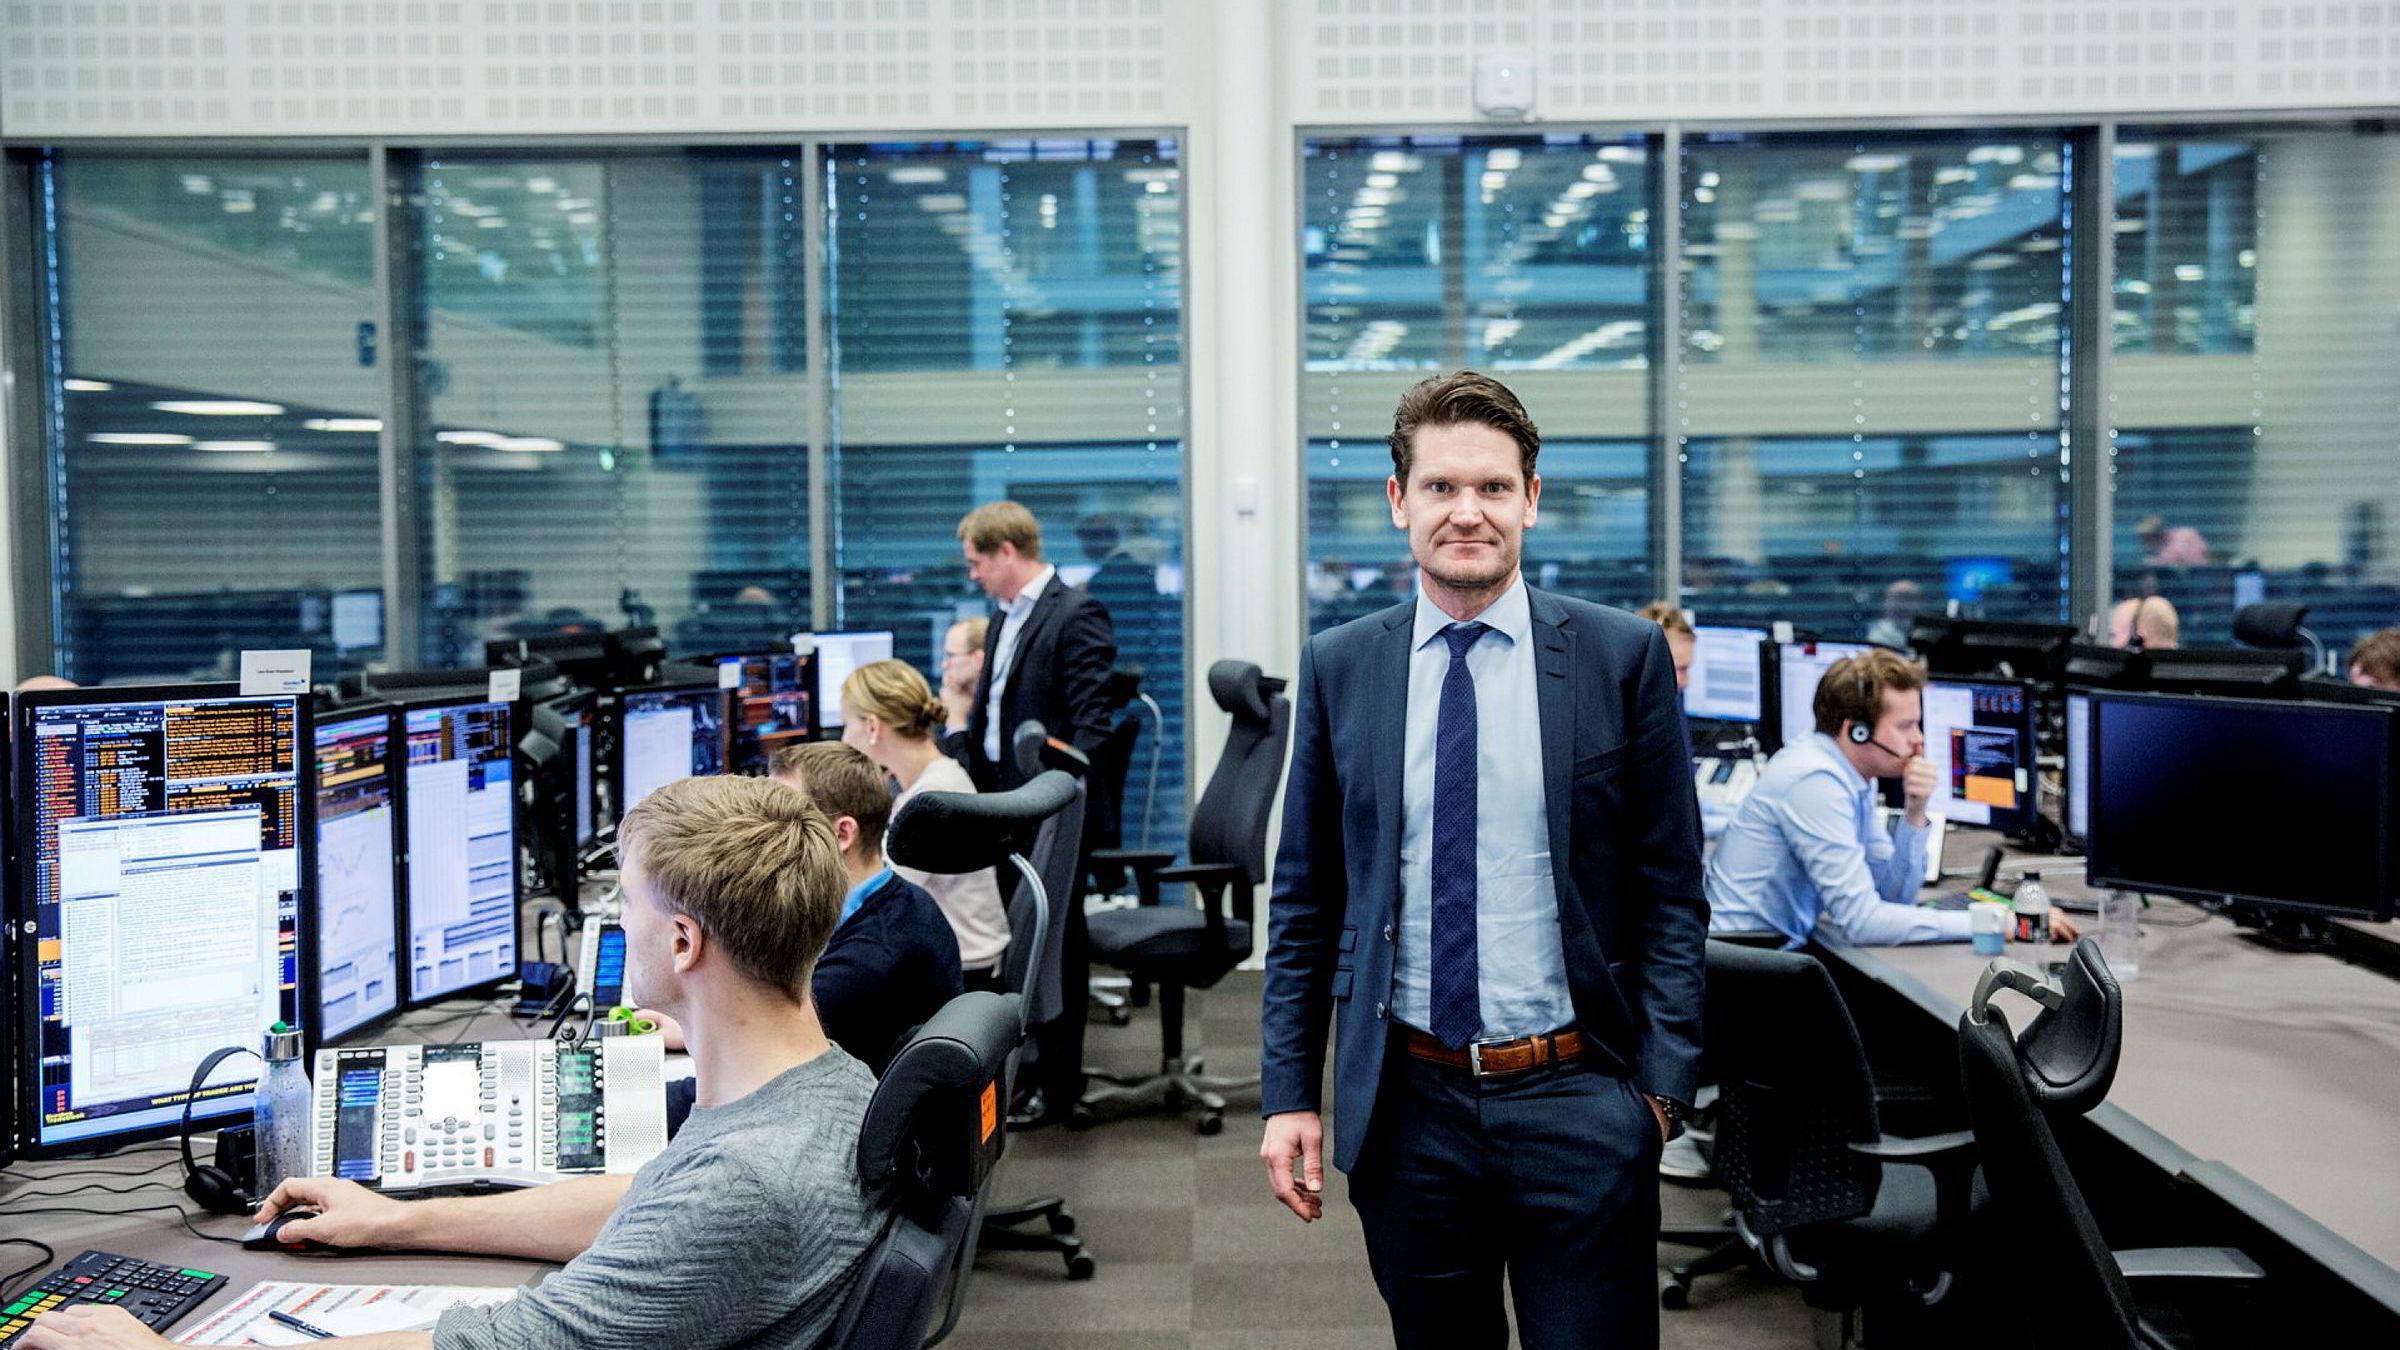 Sjeføkonom Kjetil Olsen i Nordea Markets tror bunnen for globale renter er nådd og at vi må belage oss på stigende renter fremover.